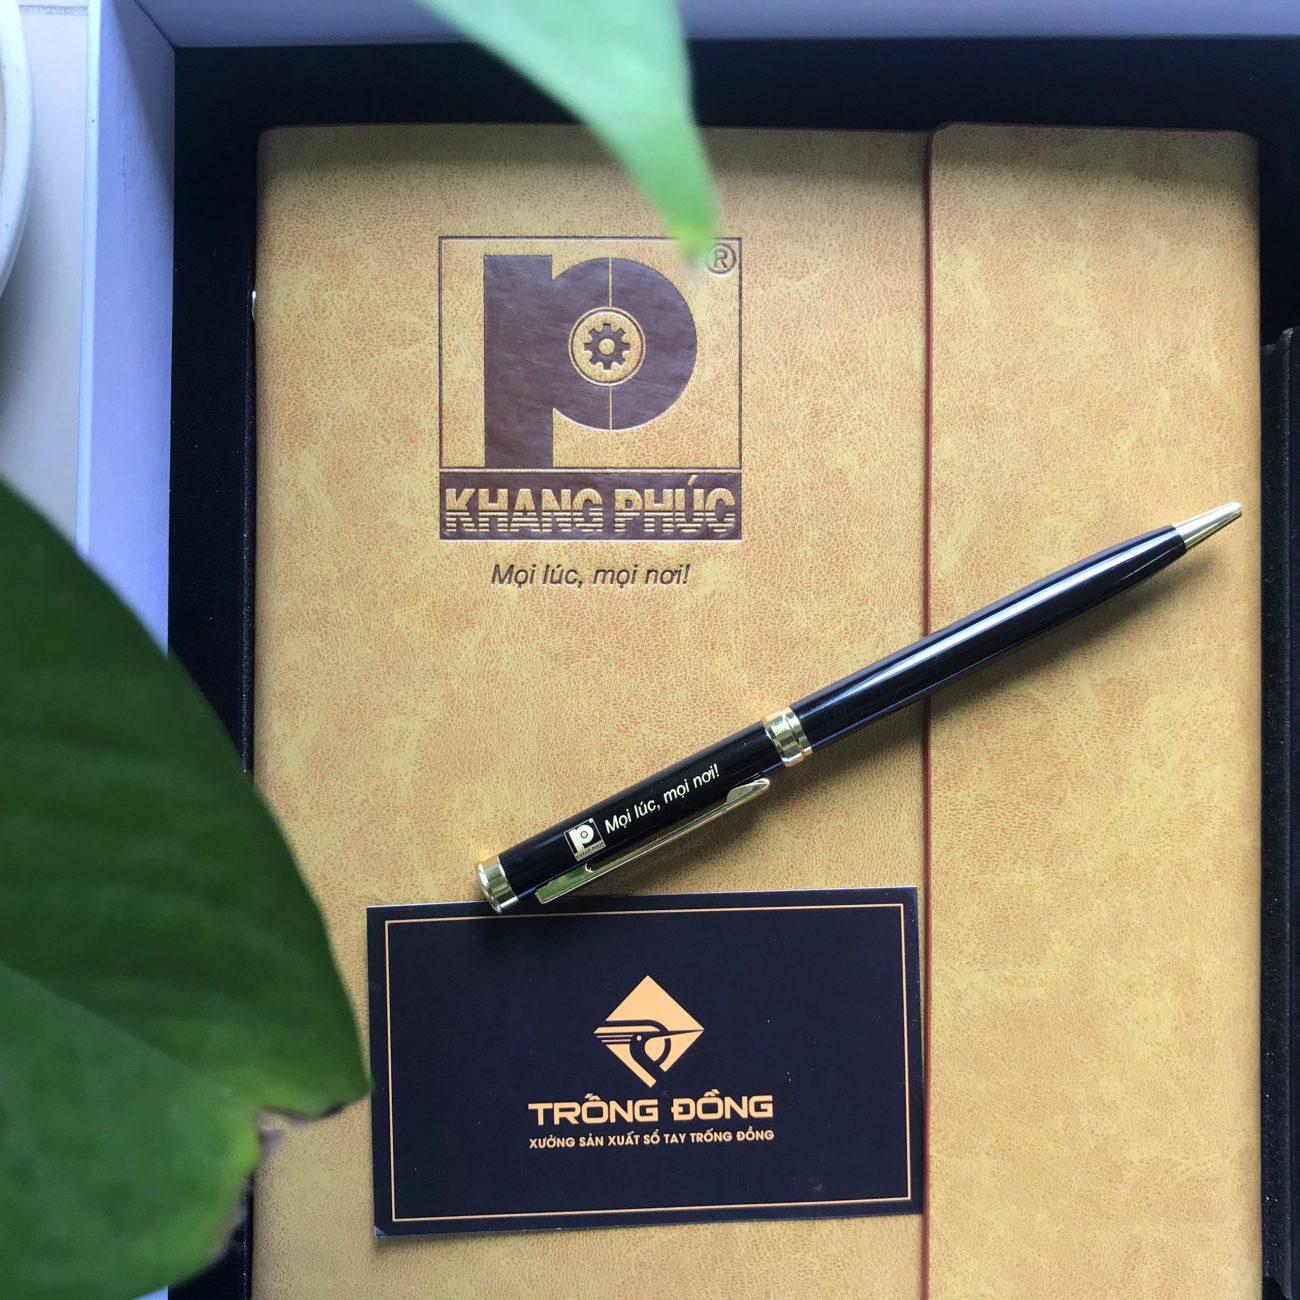 Bút kim loại BK191 được doanh nghiệp chọn khắc logo làm combo quà tặng.